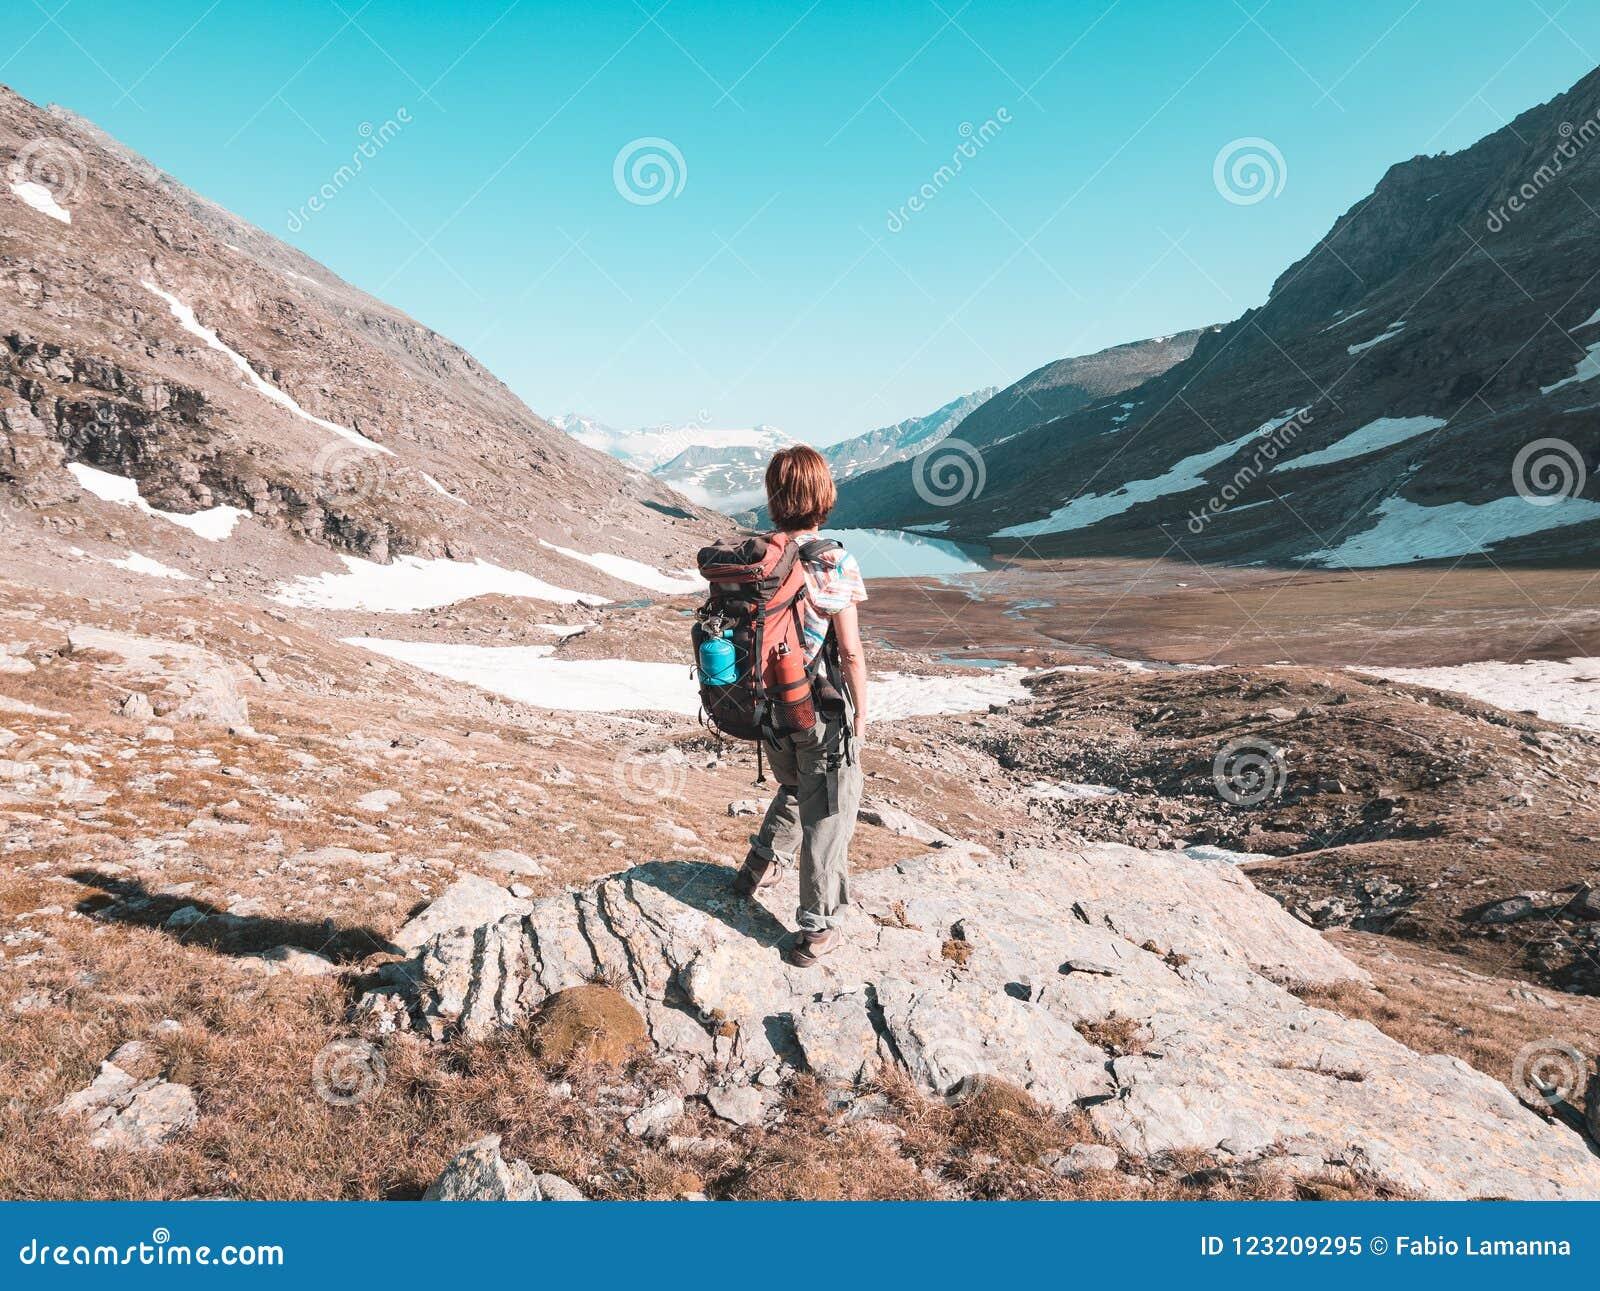 Kobiety Backpacker wycieczkuje w idyllicznym krajobrazie, siklawie i kwitnącej łące, Lato eksploracja na Alps i przygody stonowan